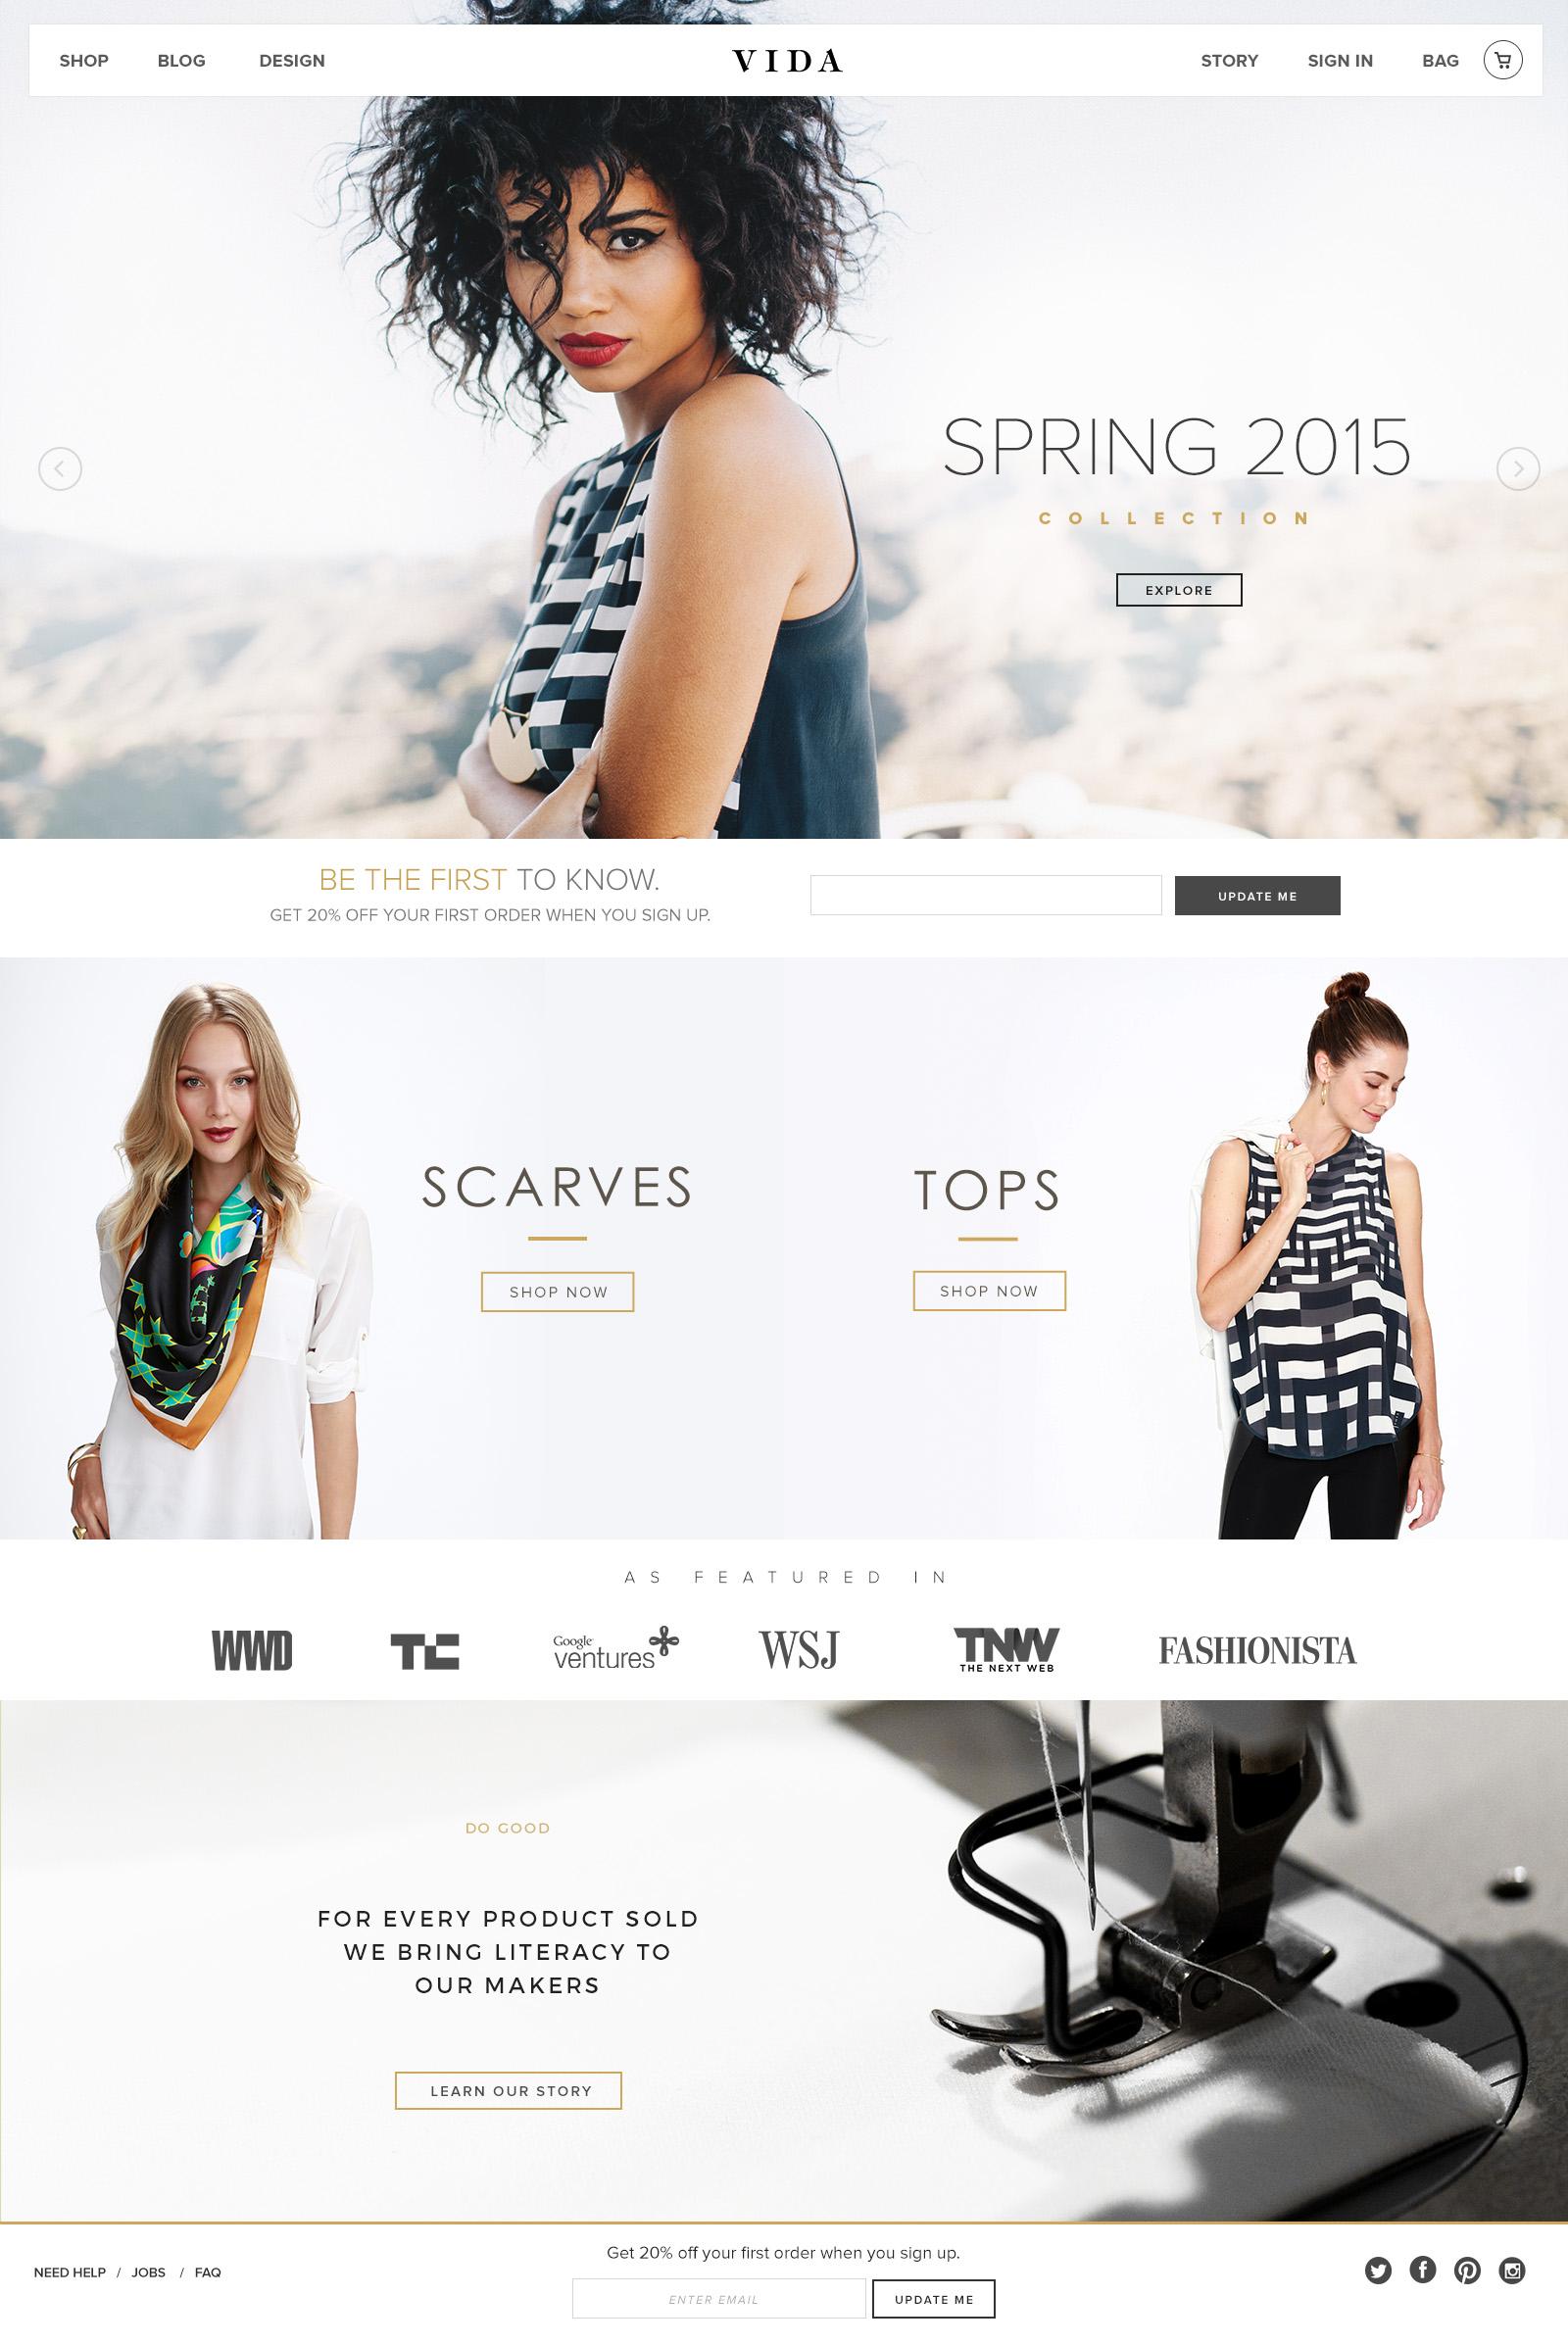 Vida - Homepage - 1.jpg